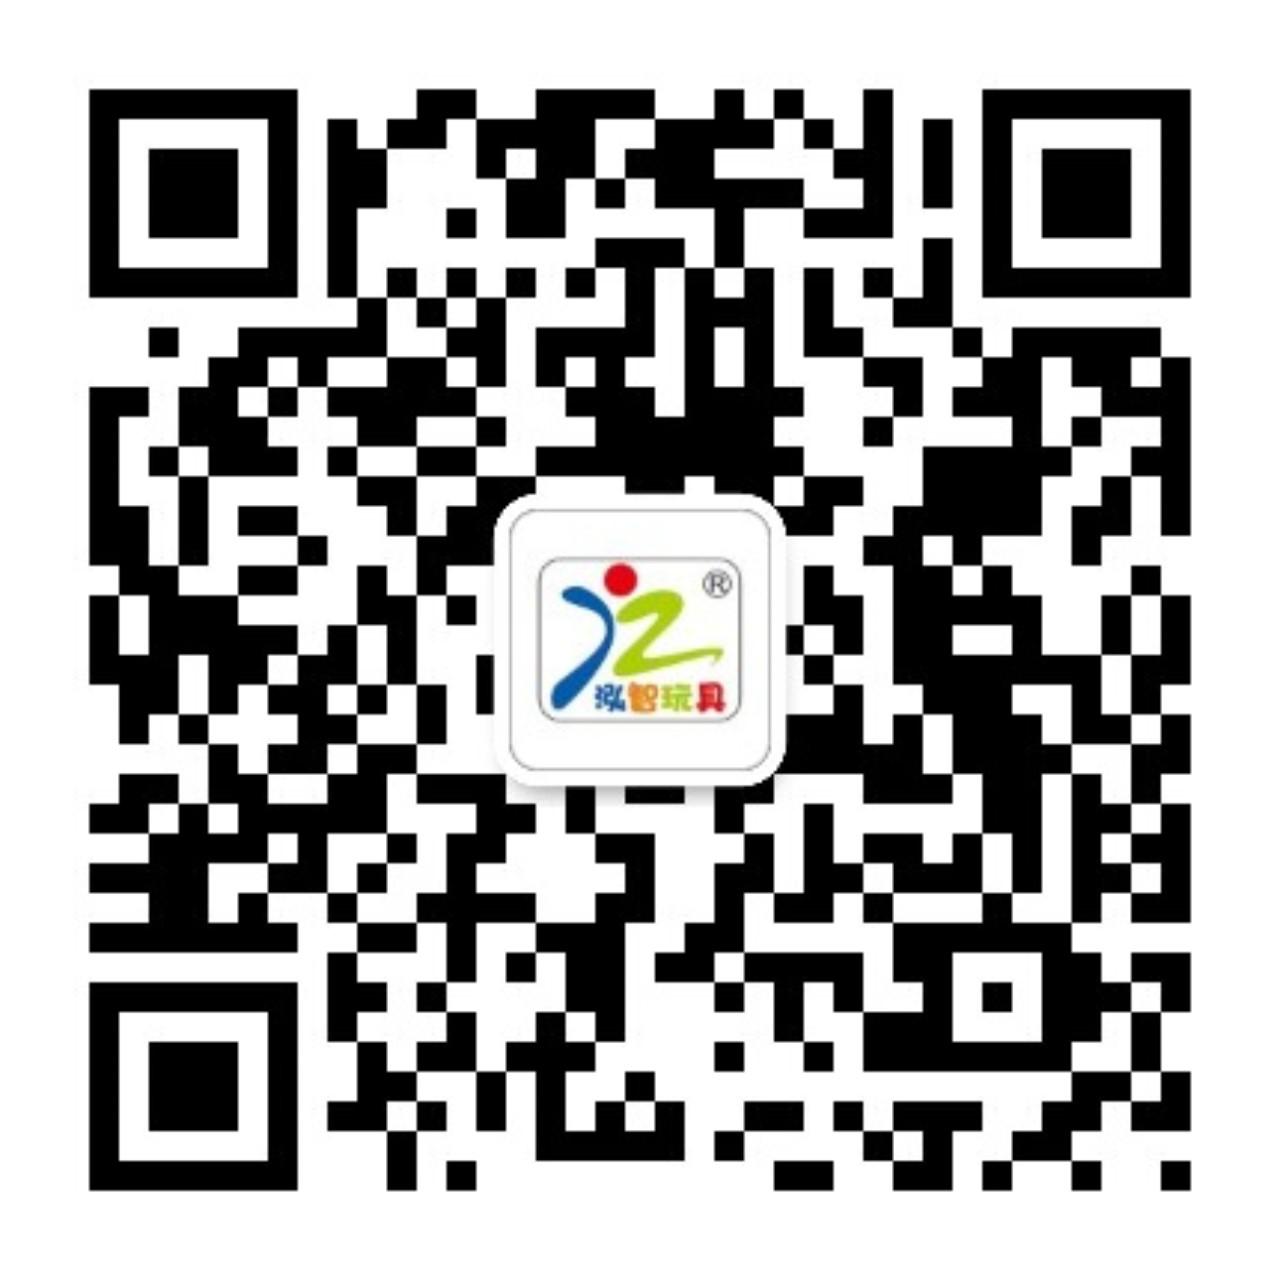 泓智玩具 微官网二维码